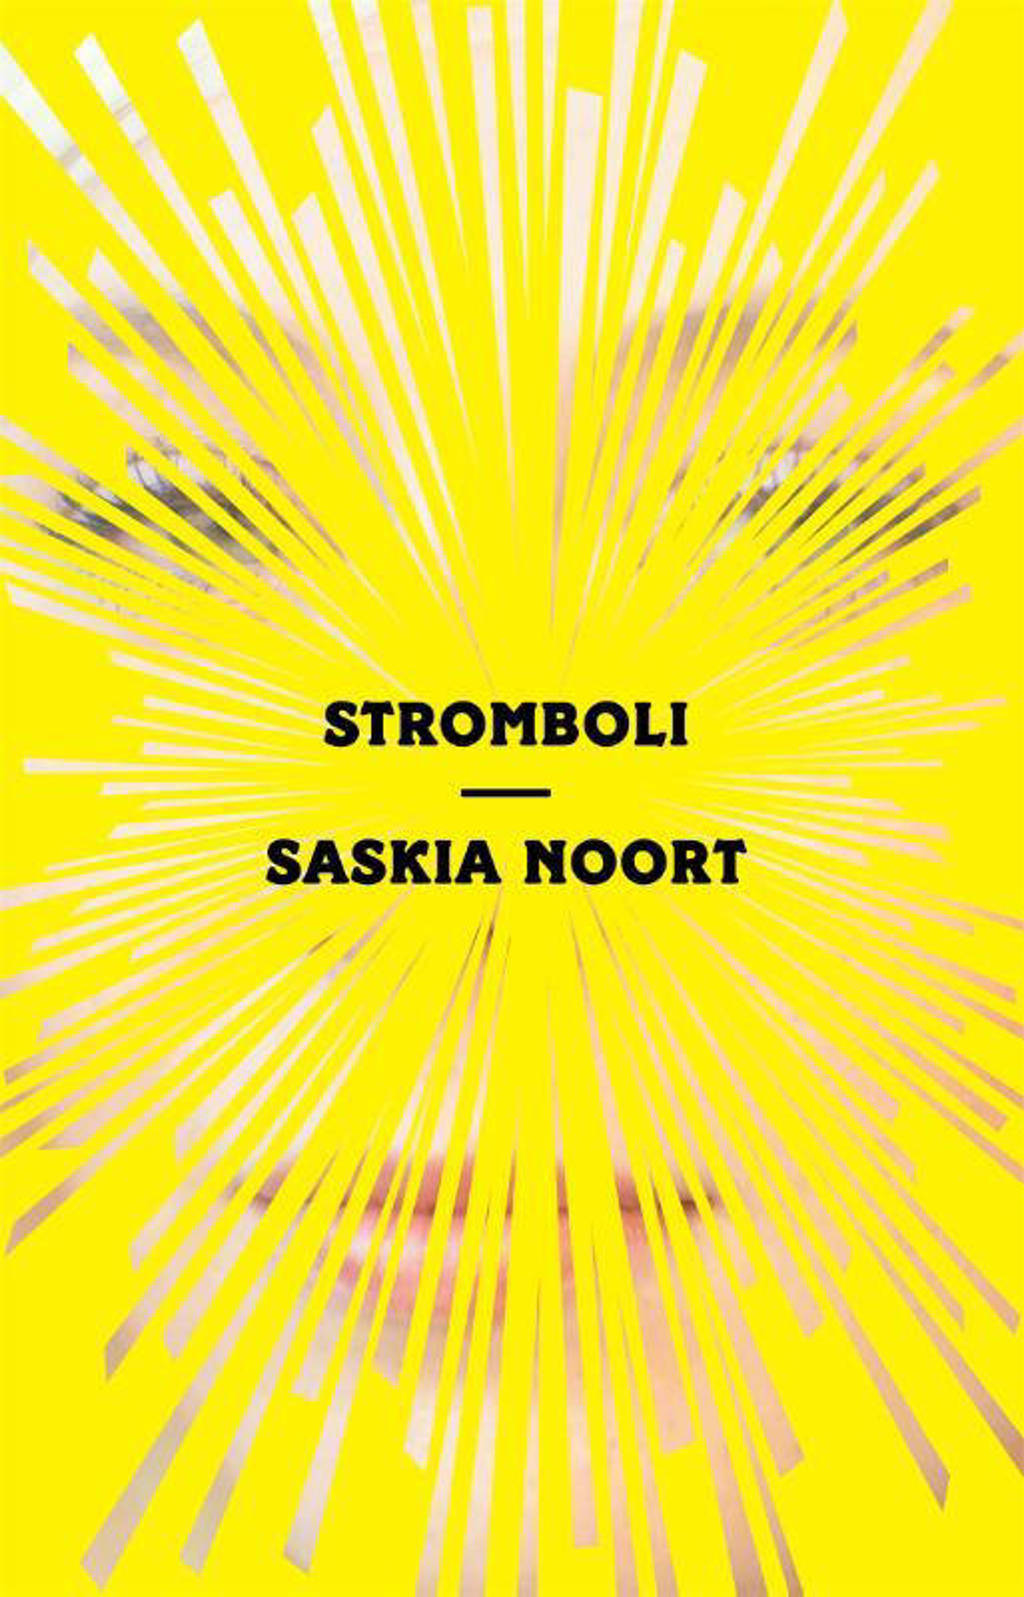 Stromboli - Saskia Noort